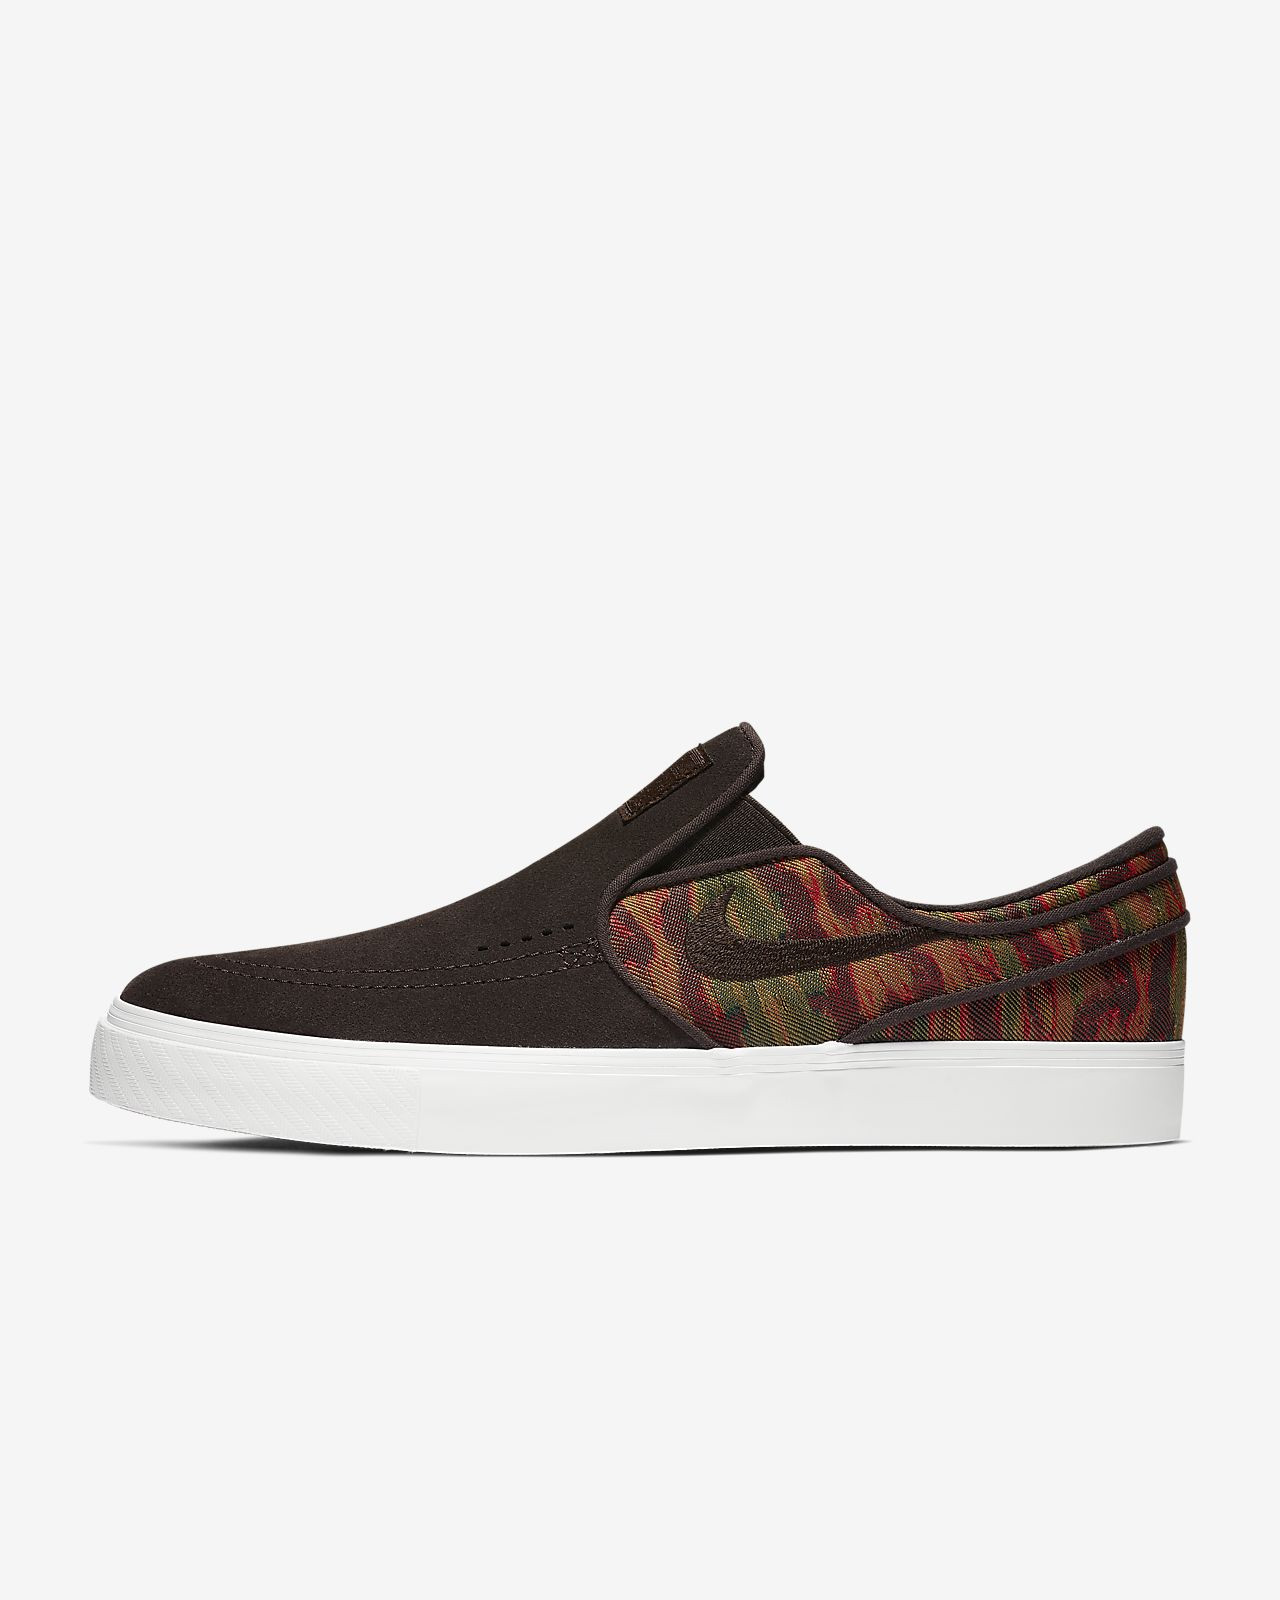 dd2e70fe7efe Nike SB Zoom Stefan Janoski Slip-On Premium Men s Skateboarding Shoe ...